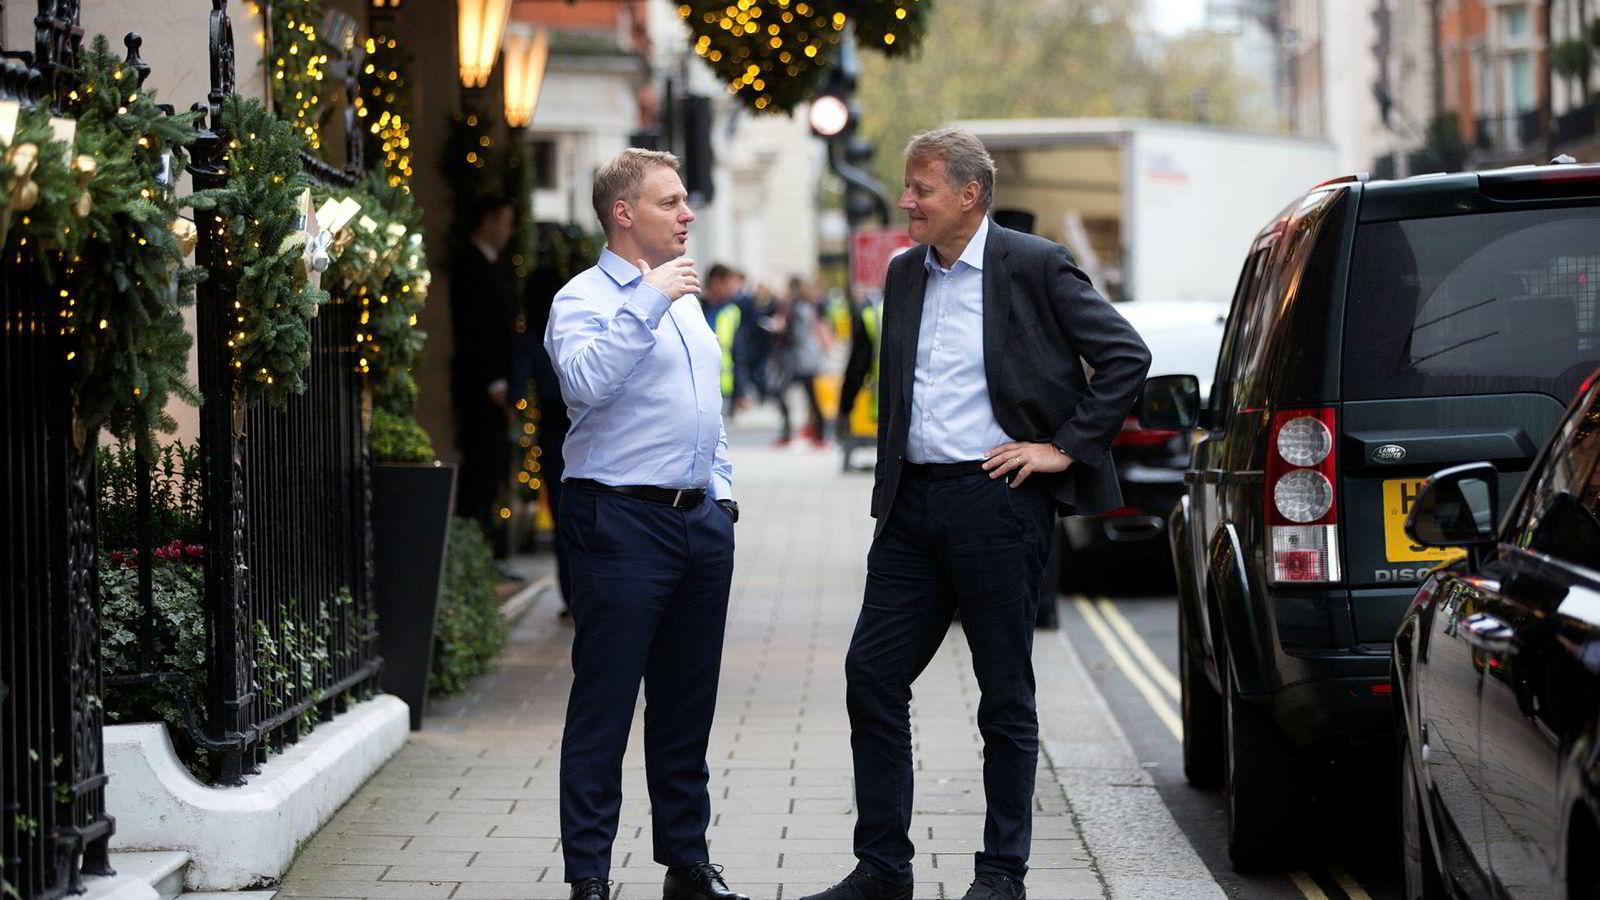 DNB-sjef Rune Bjerke (til høyre) og leder for personmarked Trond Bentestuen er på plass i Mayfair i London for å legge frem bankens finansielle mål tirsdag. Banken får flere spørsmål om svensk økonomi.